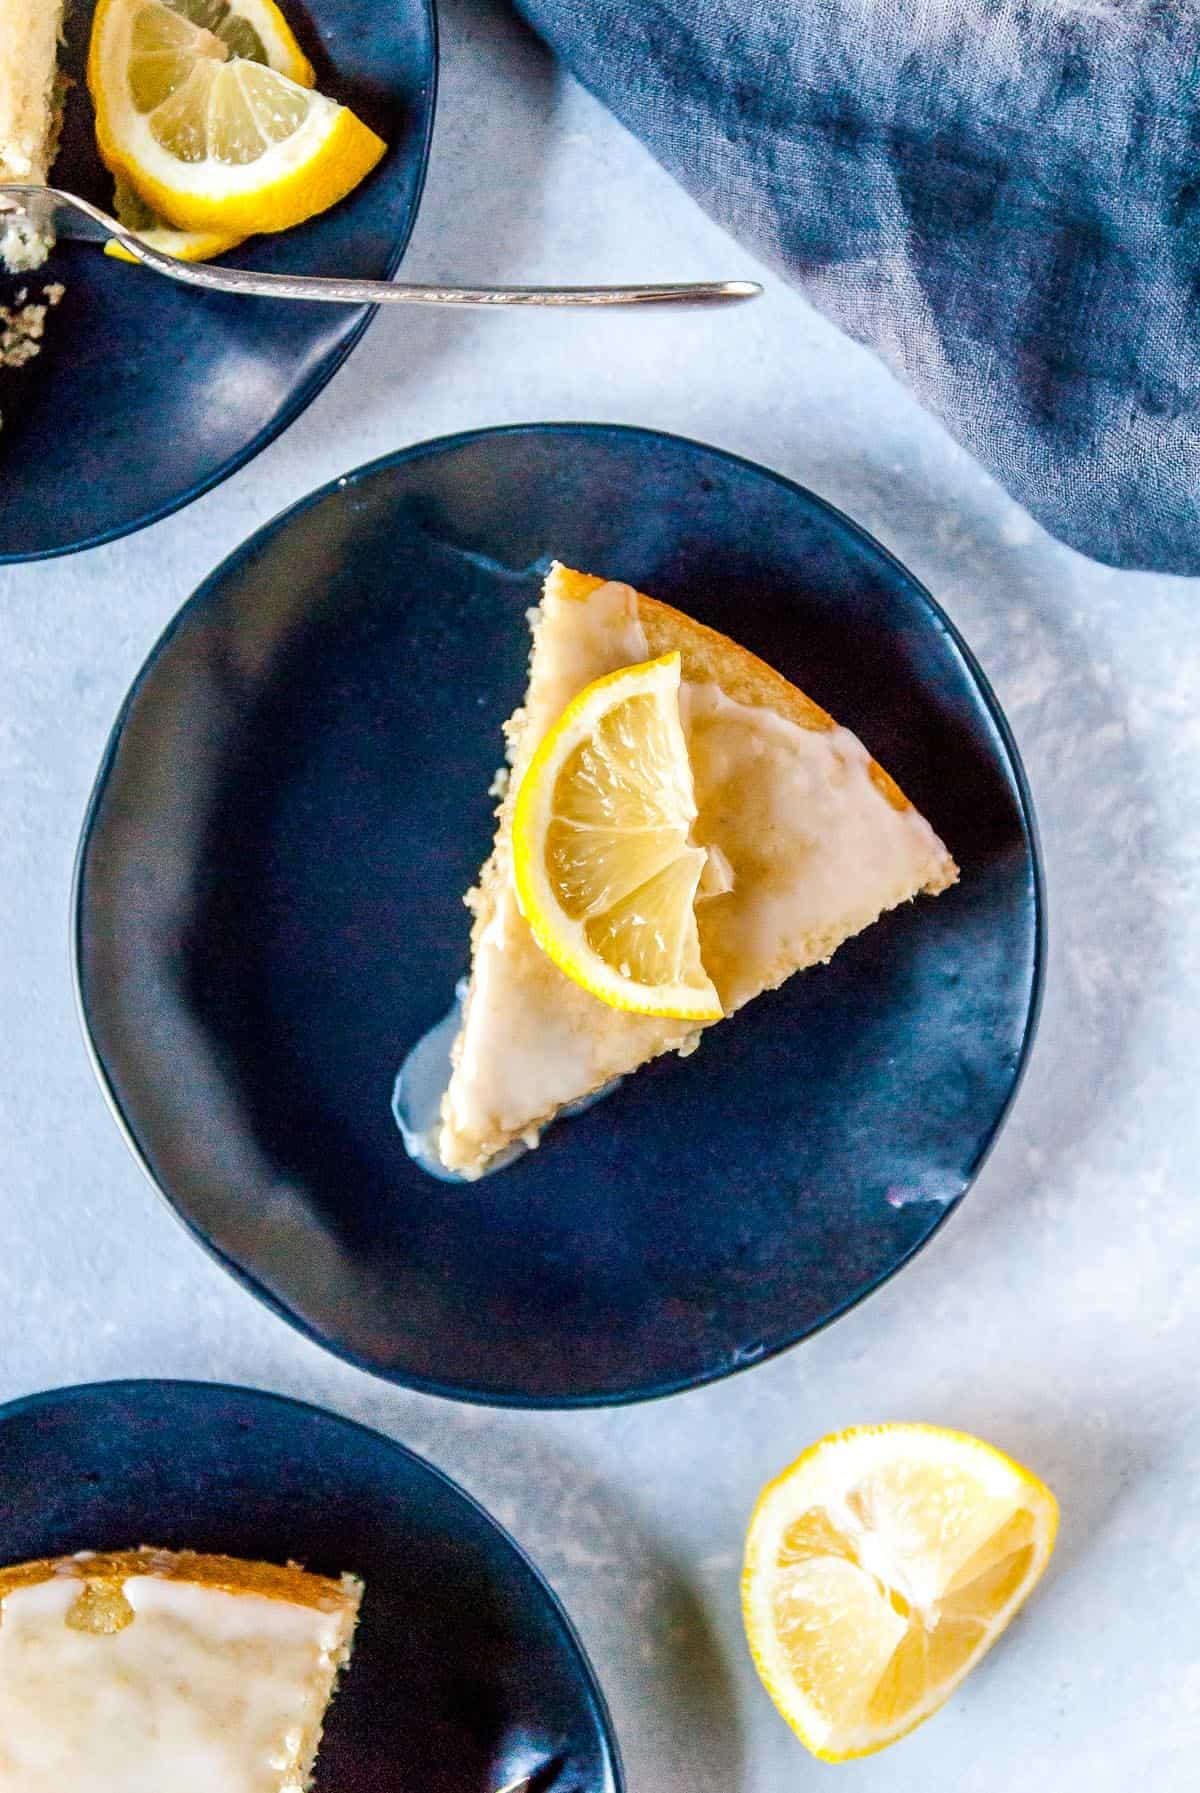 slice of vegan lemon cake on a plate